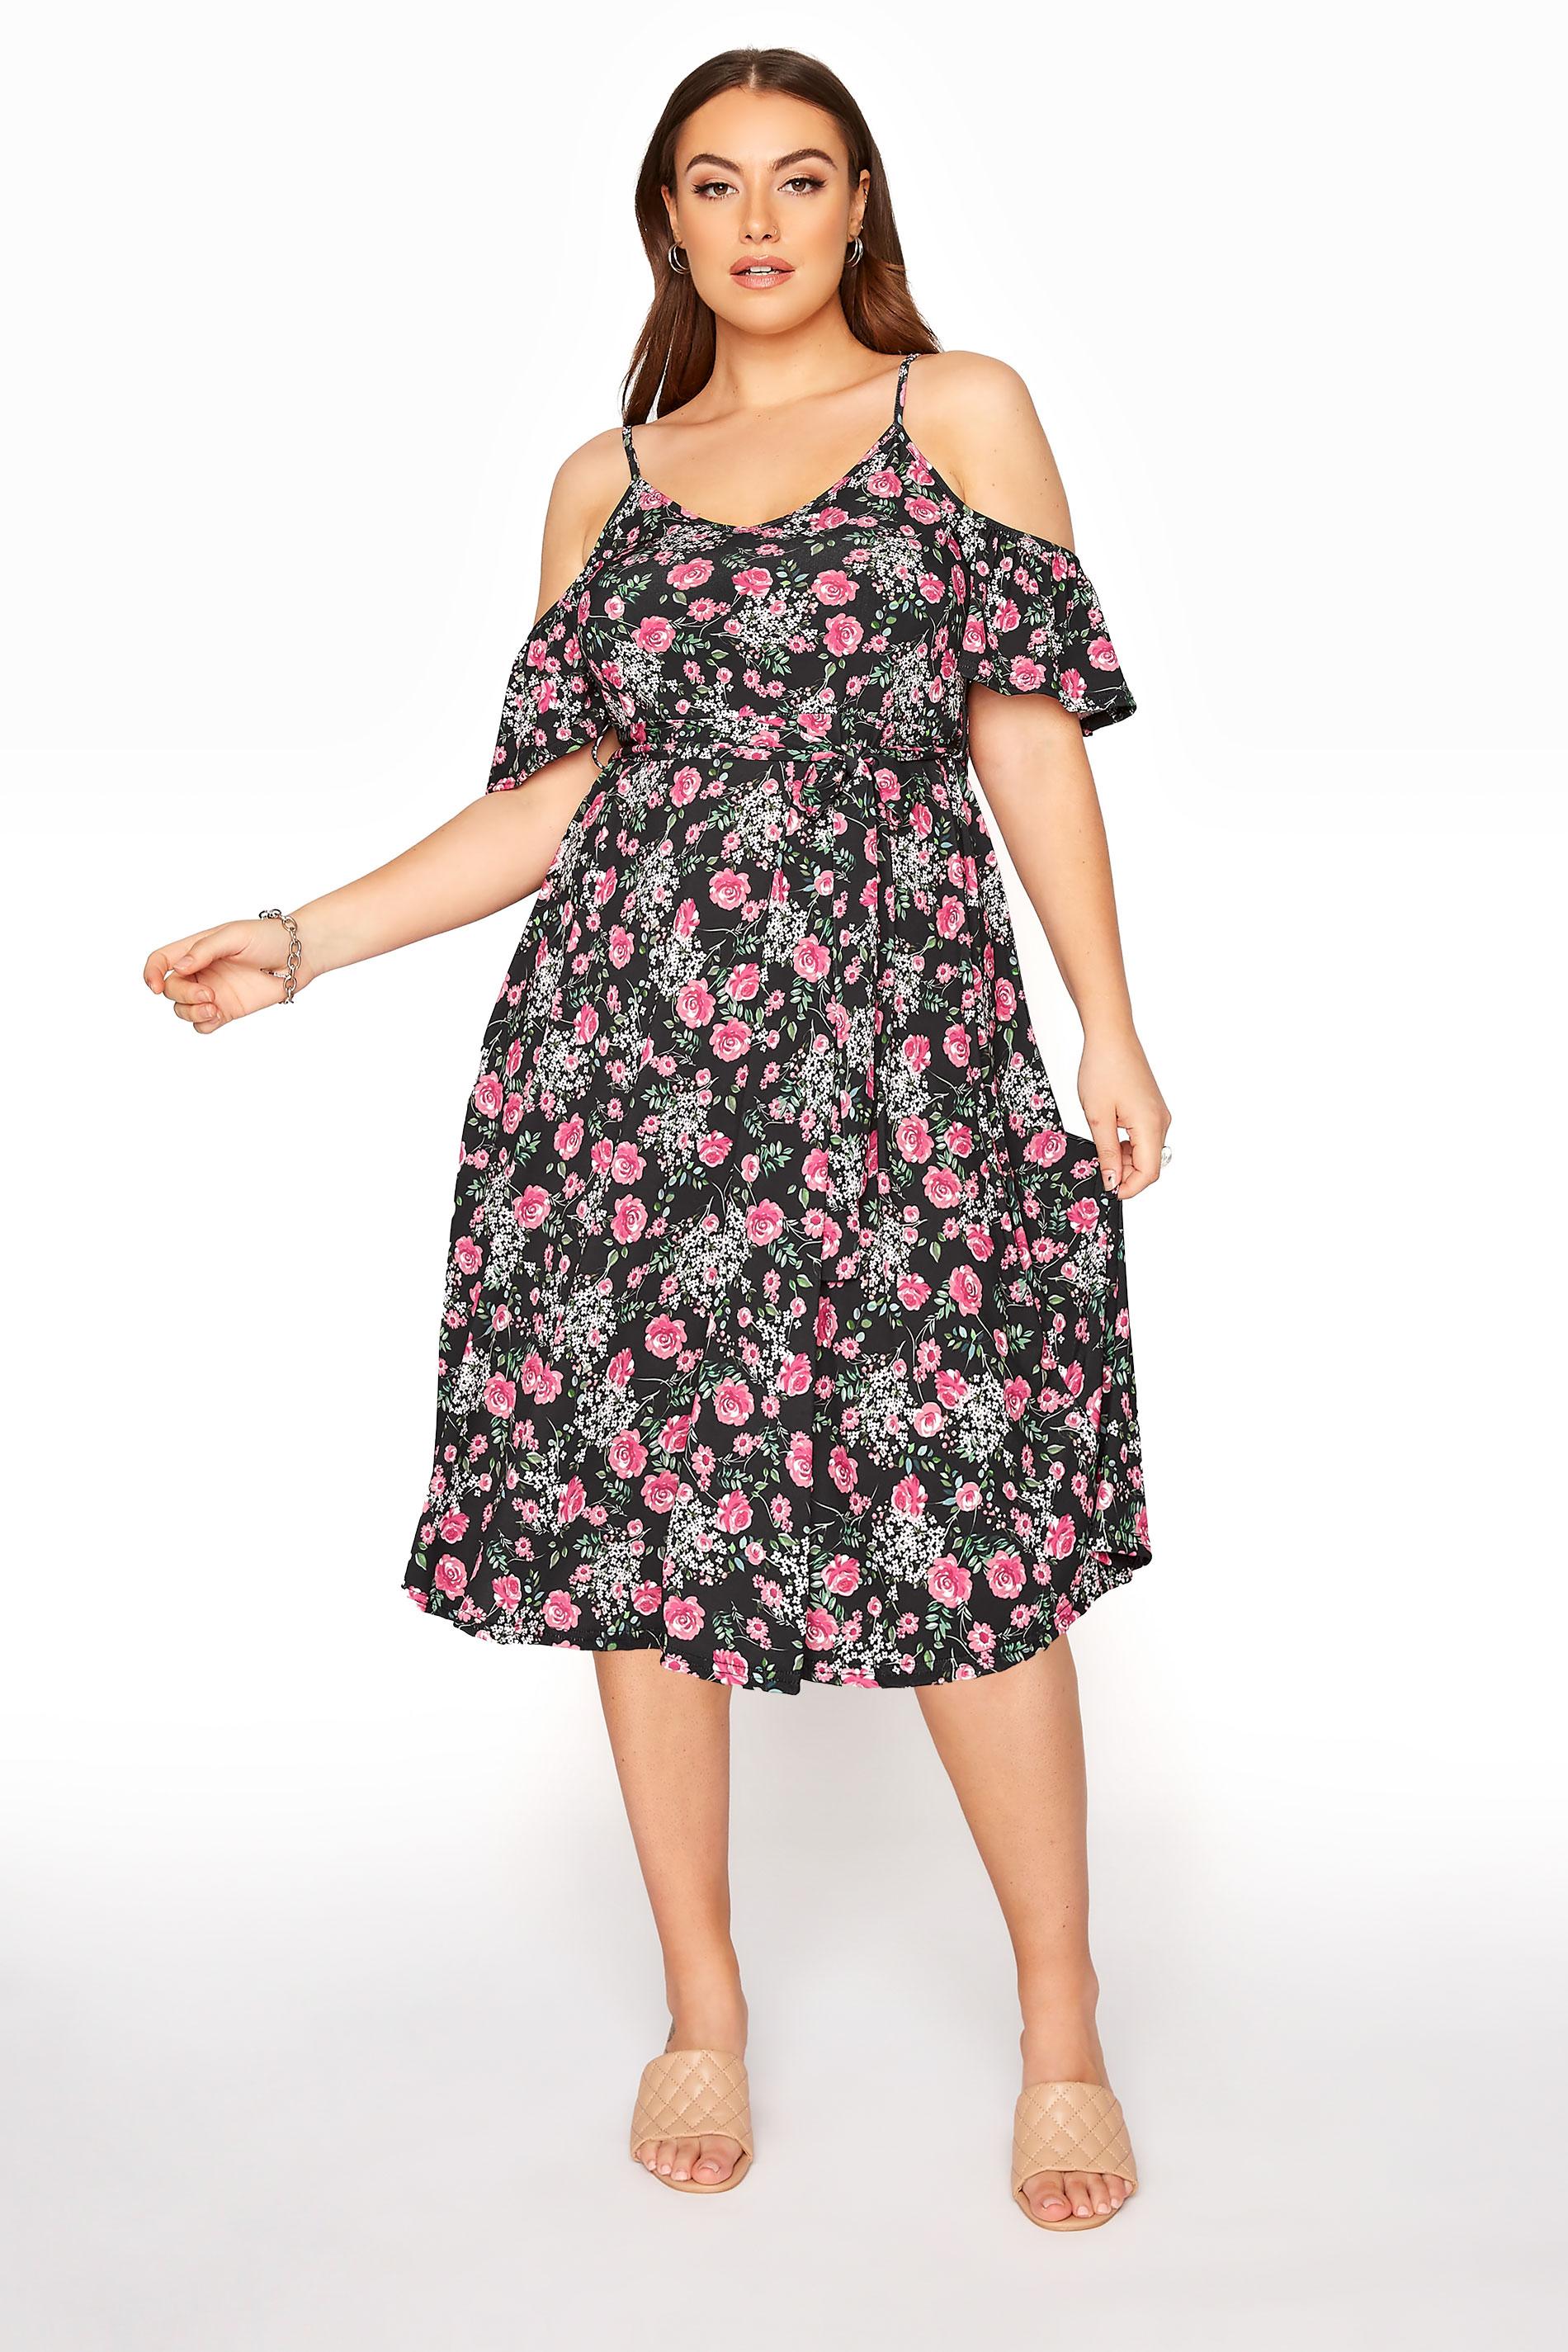 YOURS LONDON Black Floral Cold Shoulder Midi Dress